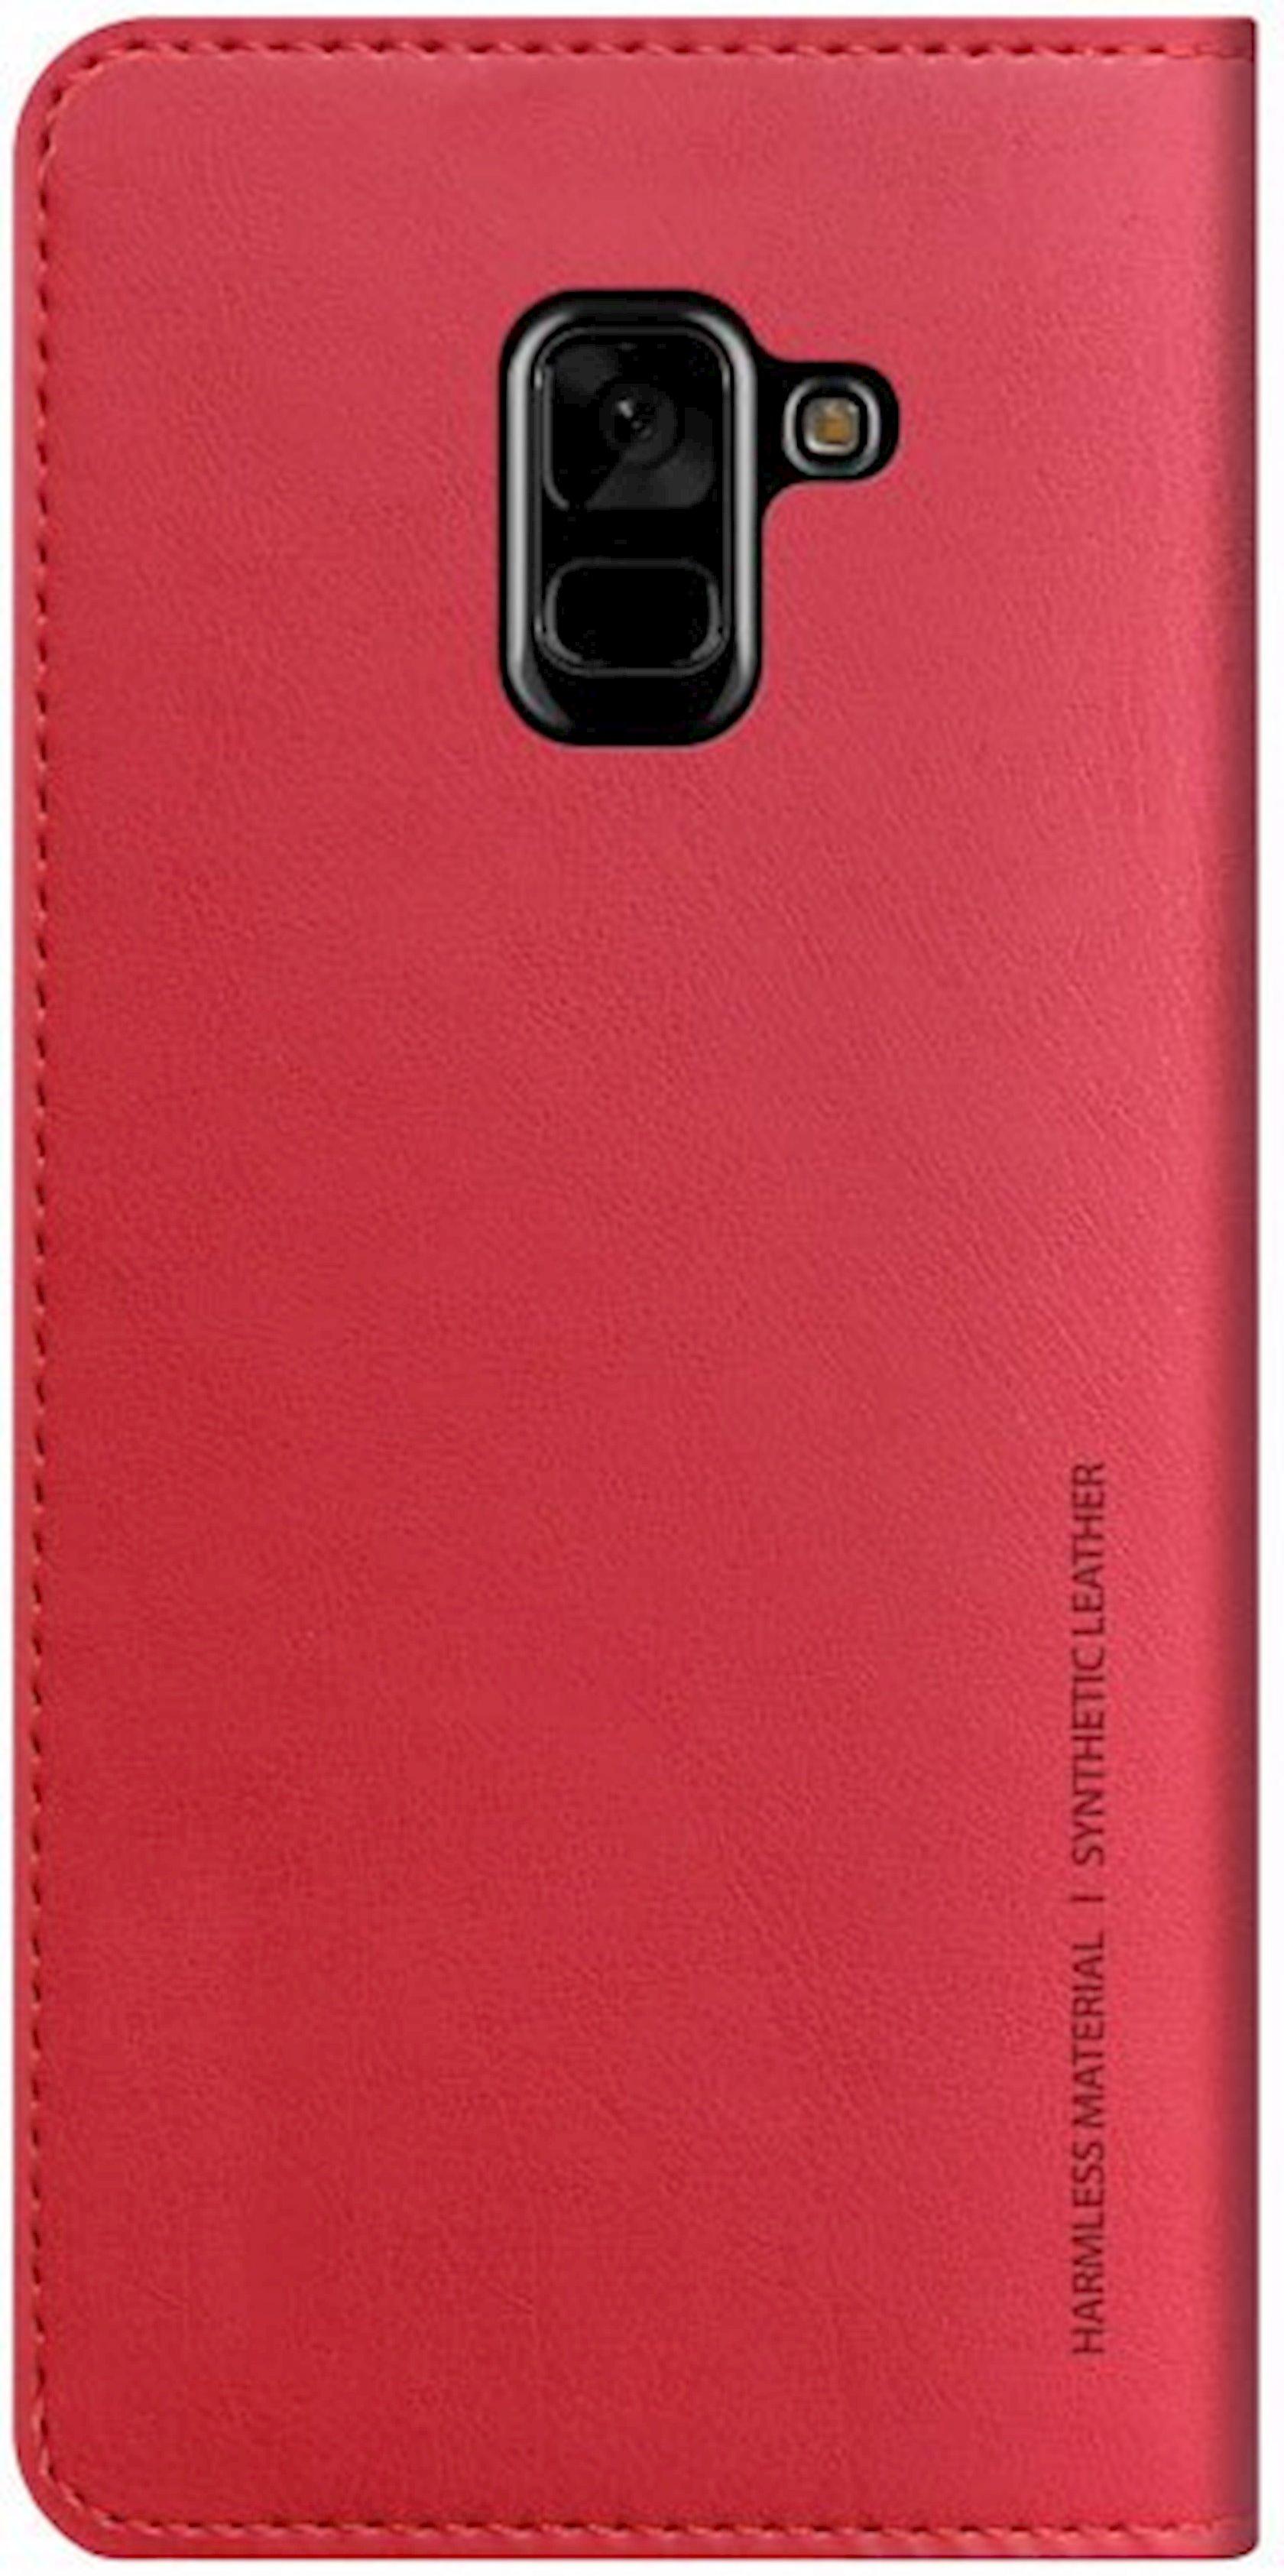 Çexol Araree Samsung Galaxy A8 2018 üçün Red